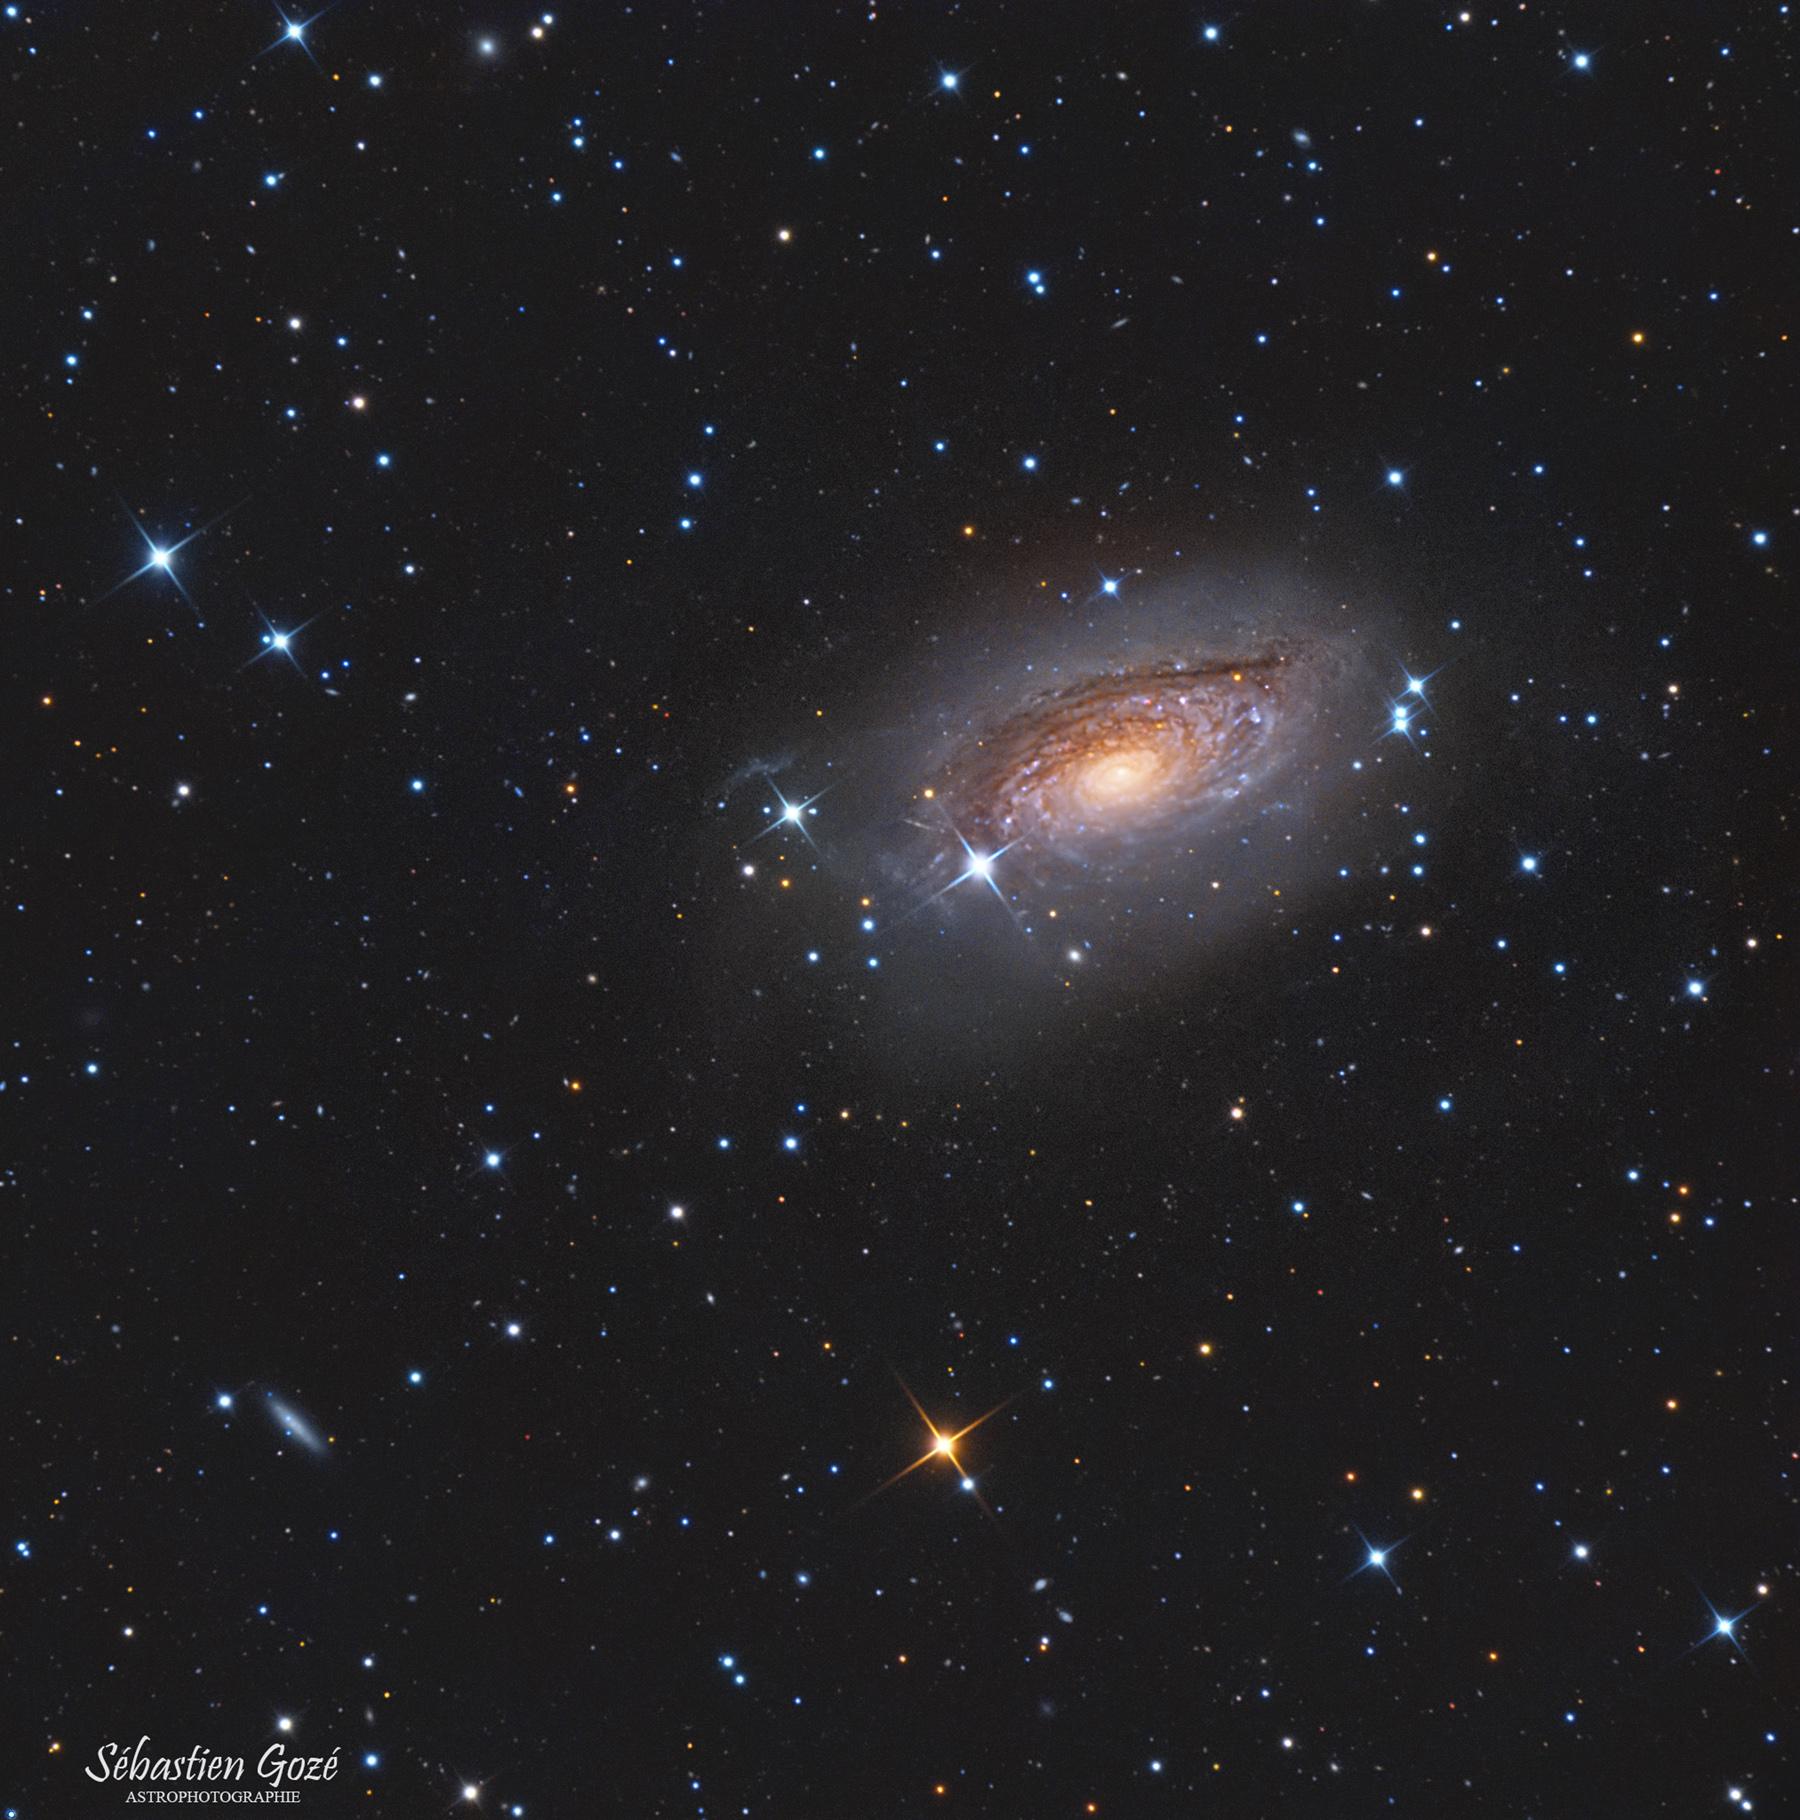 La galaxie du tournesol - M63